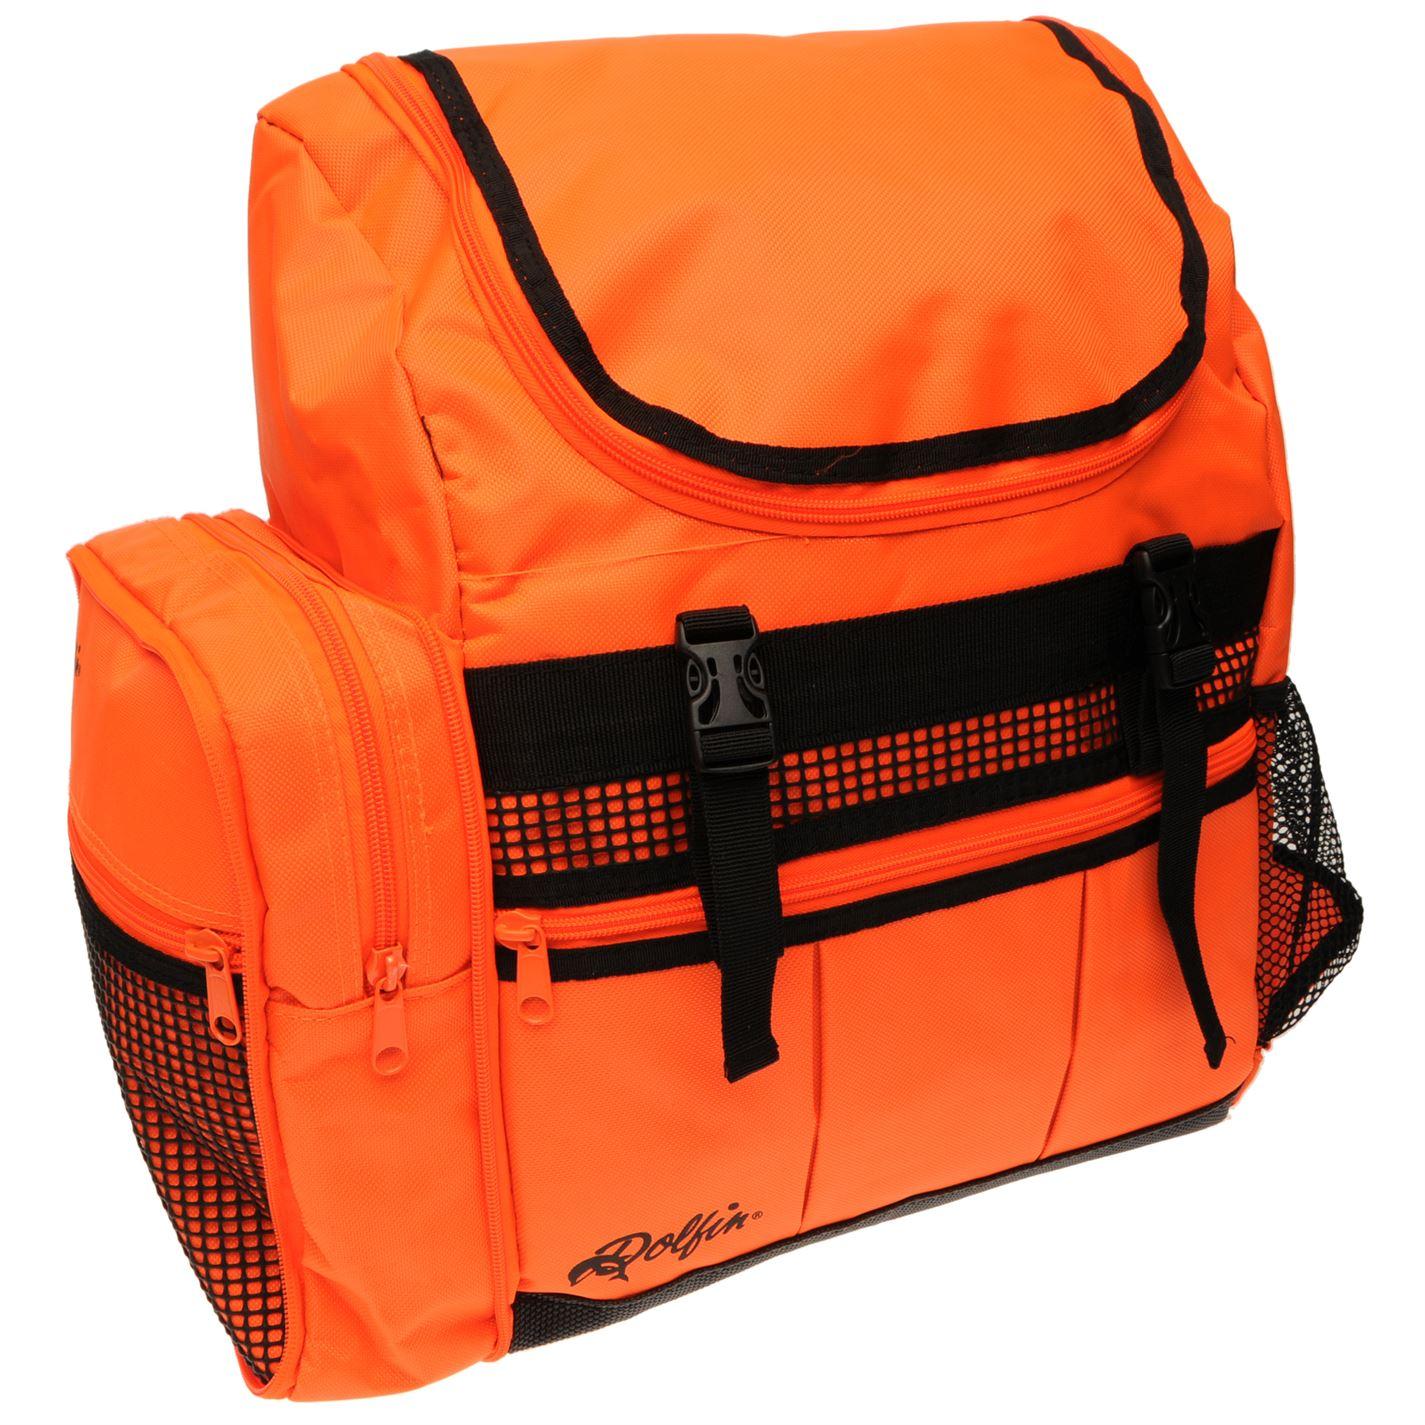 Unbranded Team Backpack